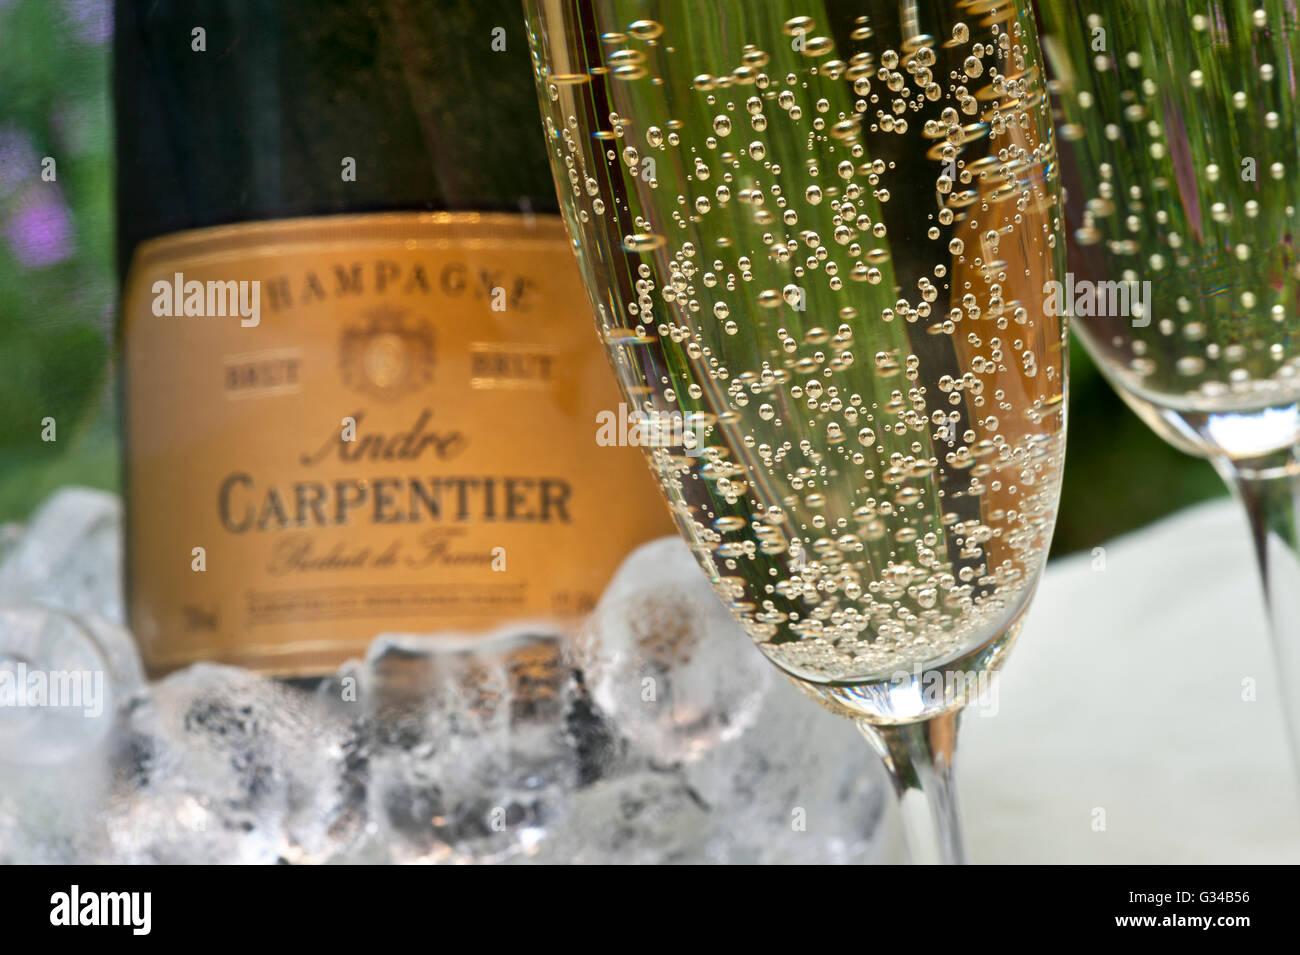 gros plan sur les verres fra chement coul d 39 andr carpentier champagne avec bouteille de vin. Black Bedroom Furniture Sets. Home Design Ideas